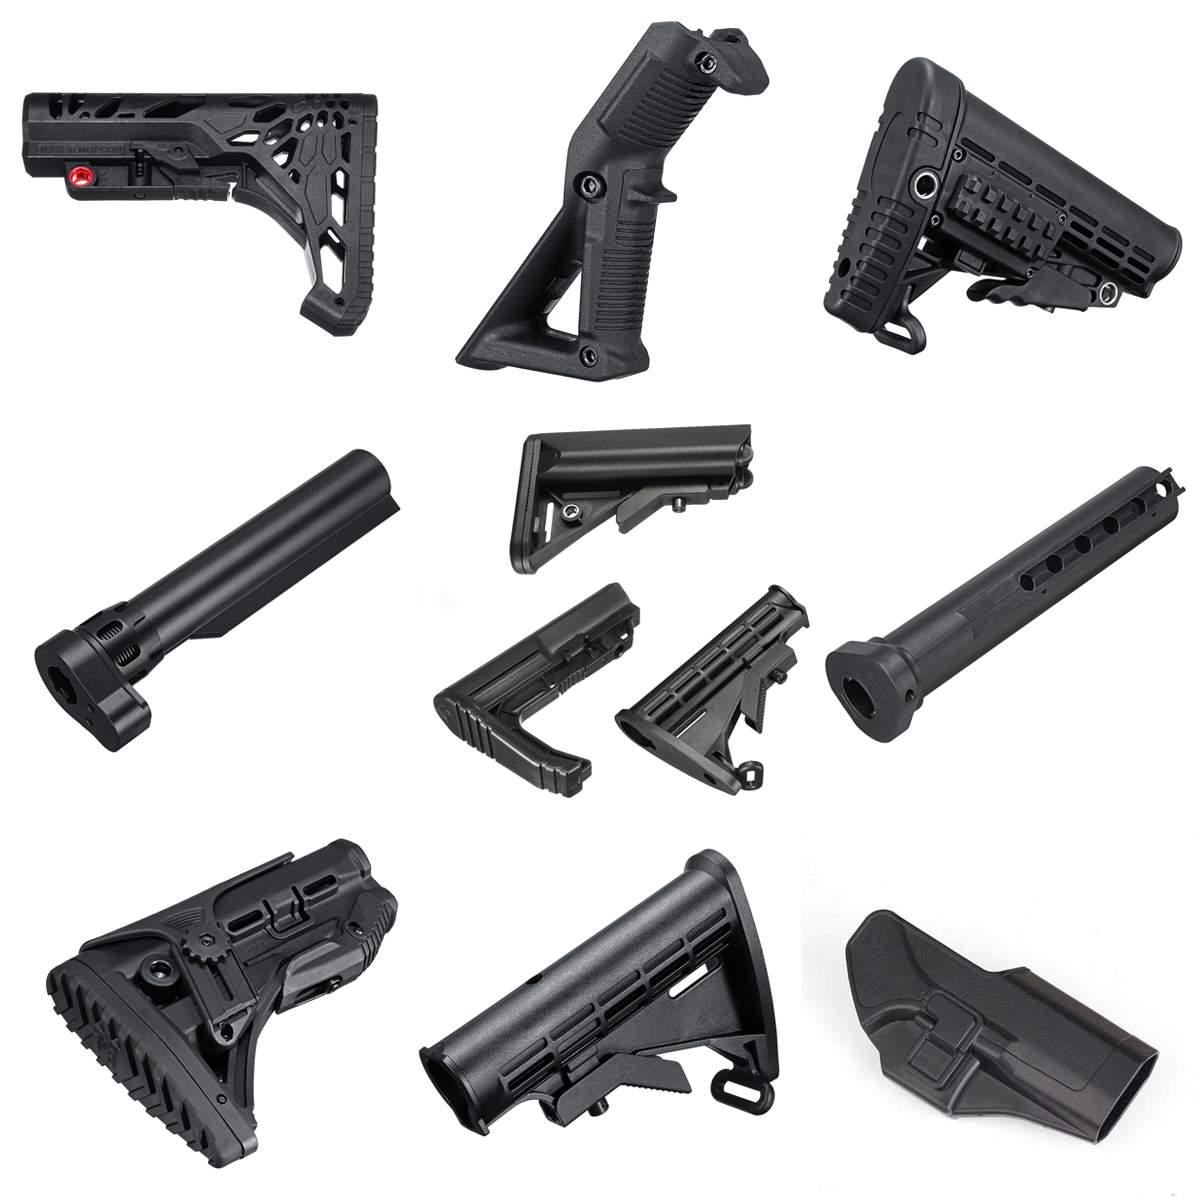 Nylon Estoque/Aperto do Punho/Coldre/Tubo de Buffer Para JinMing 8th M4A1 Gel Bola Blastering Armas de Brinquedo